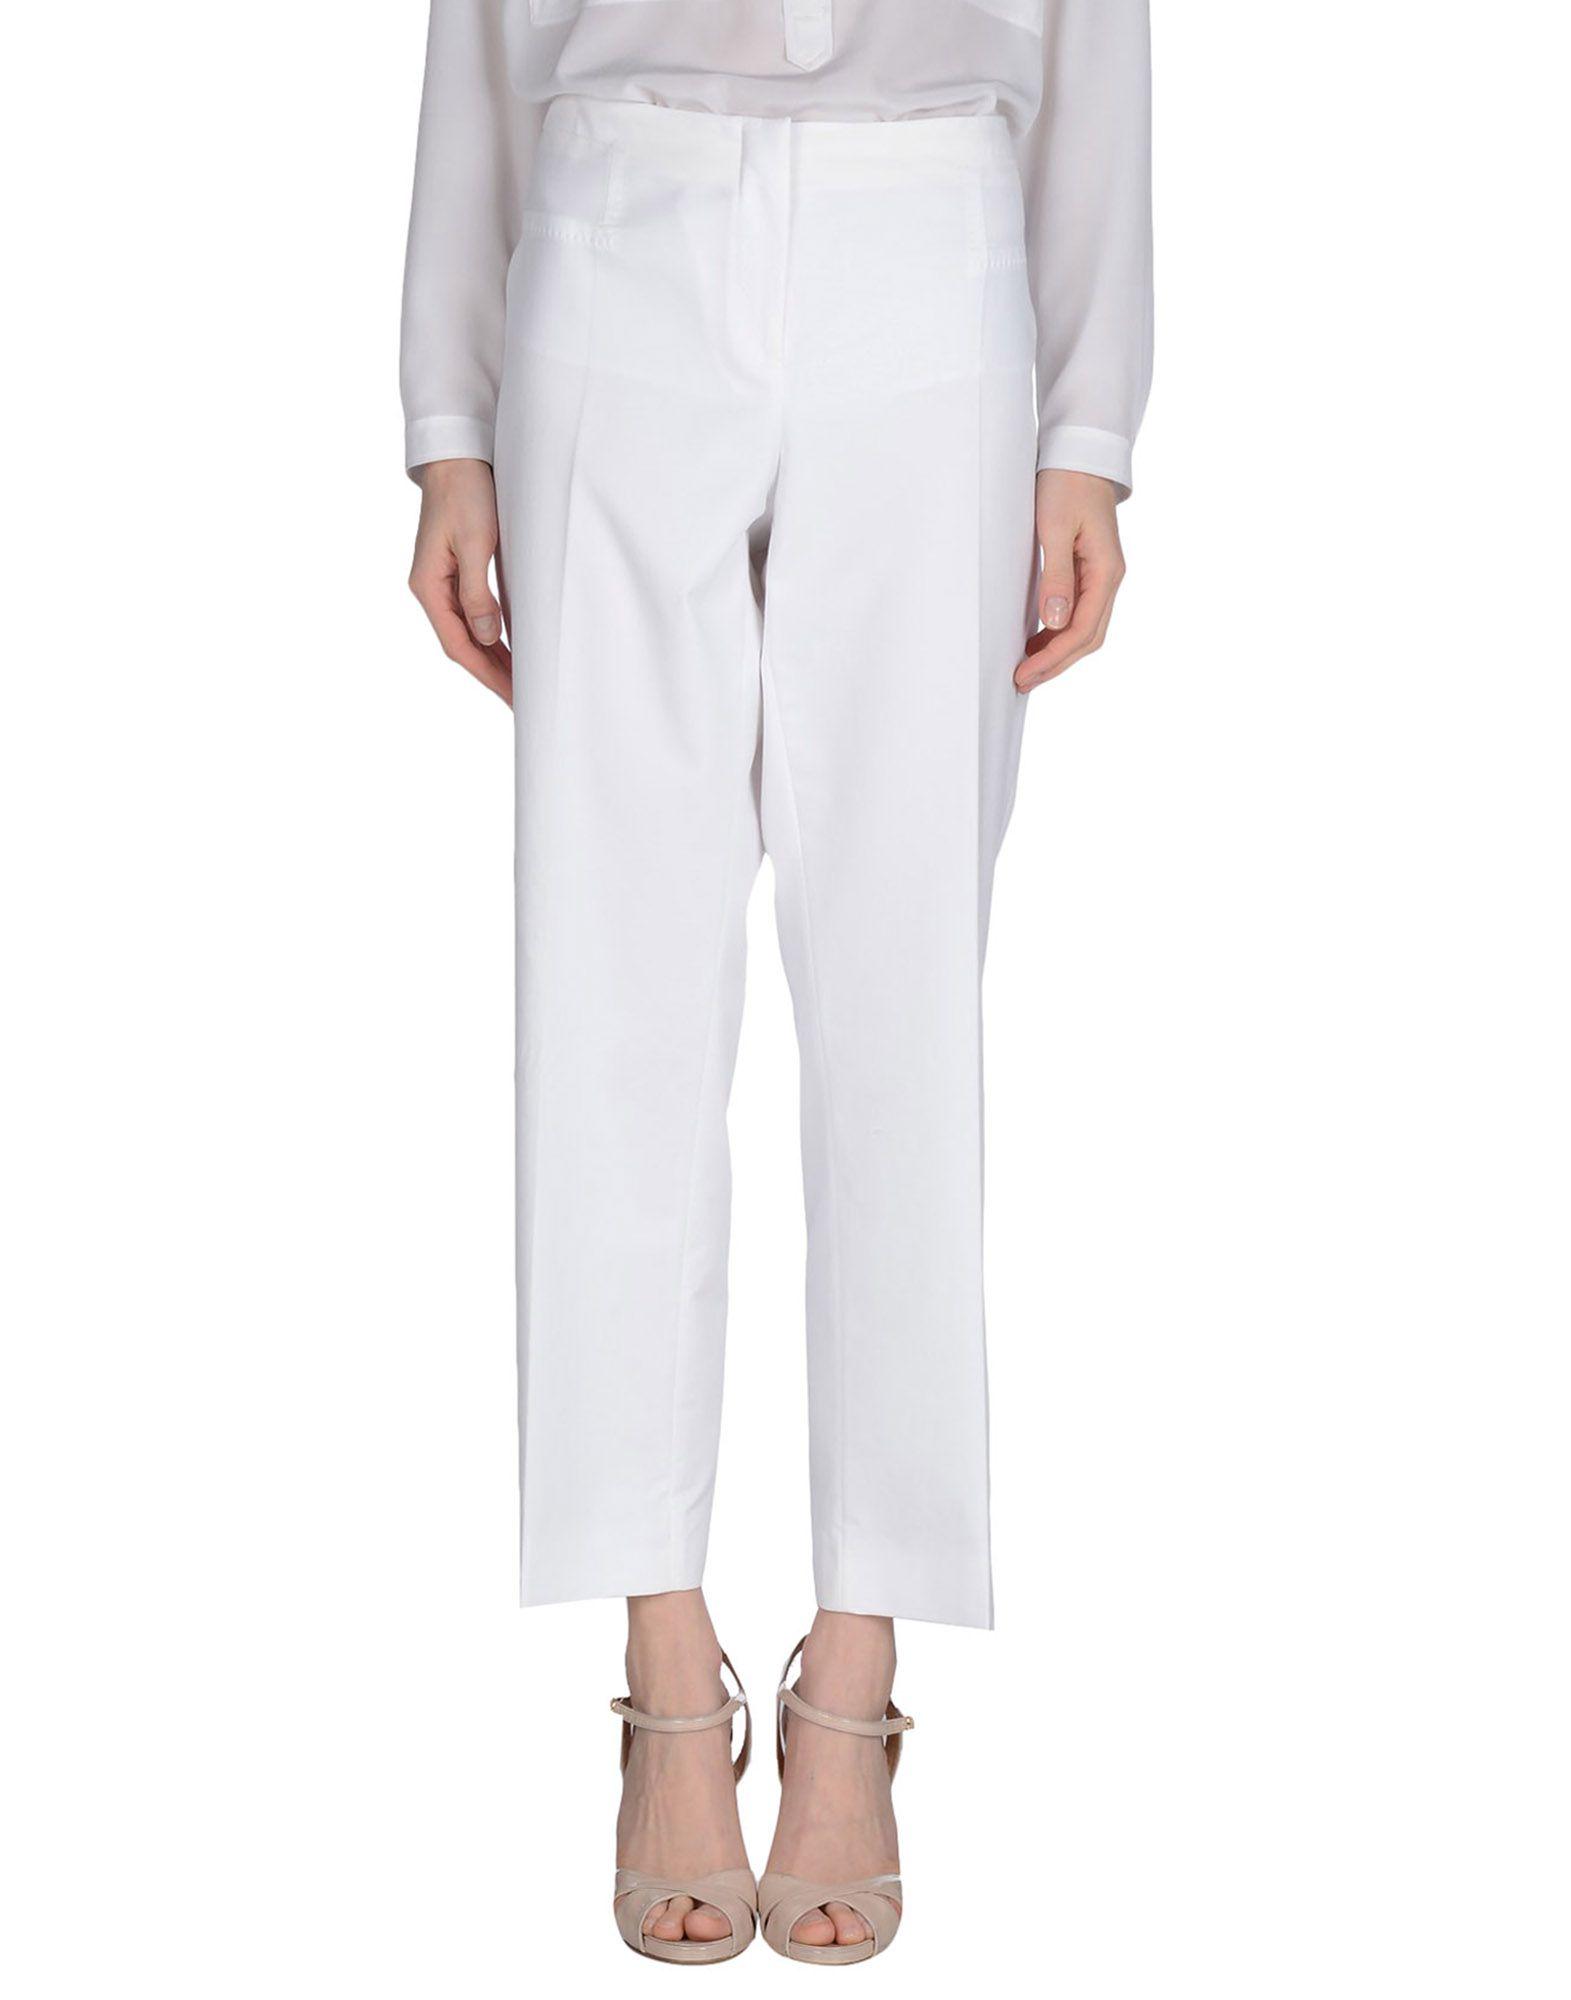 White Pants For Men: The Looks